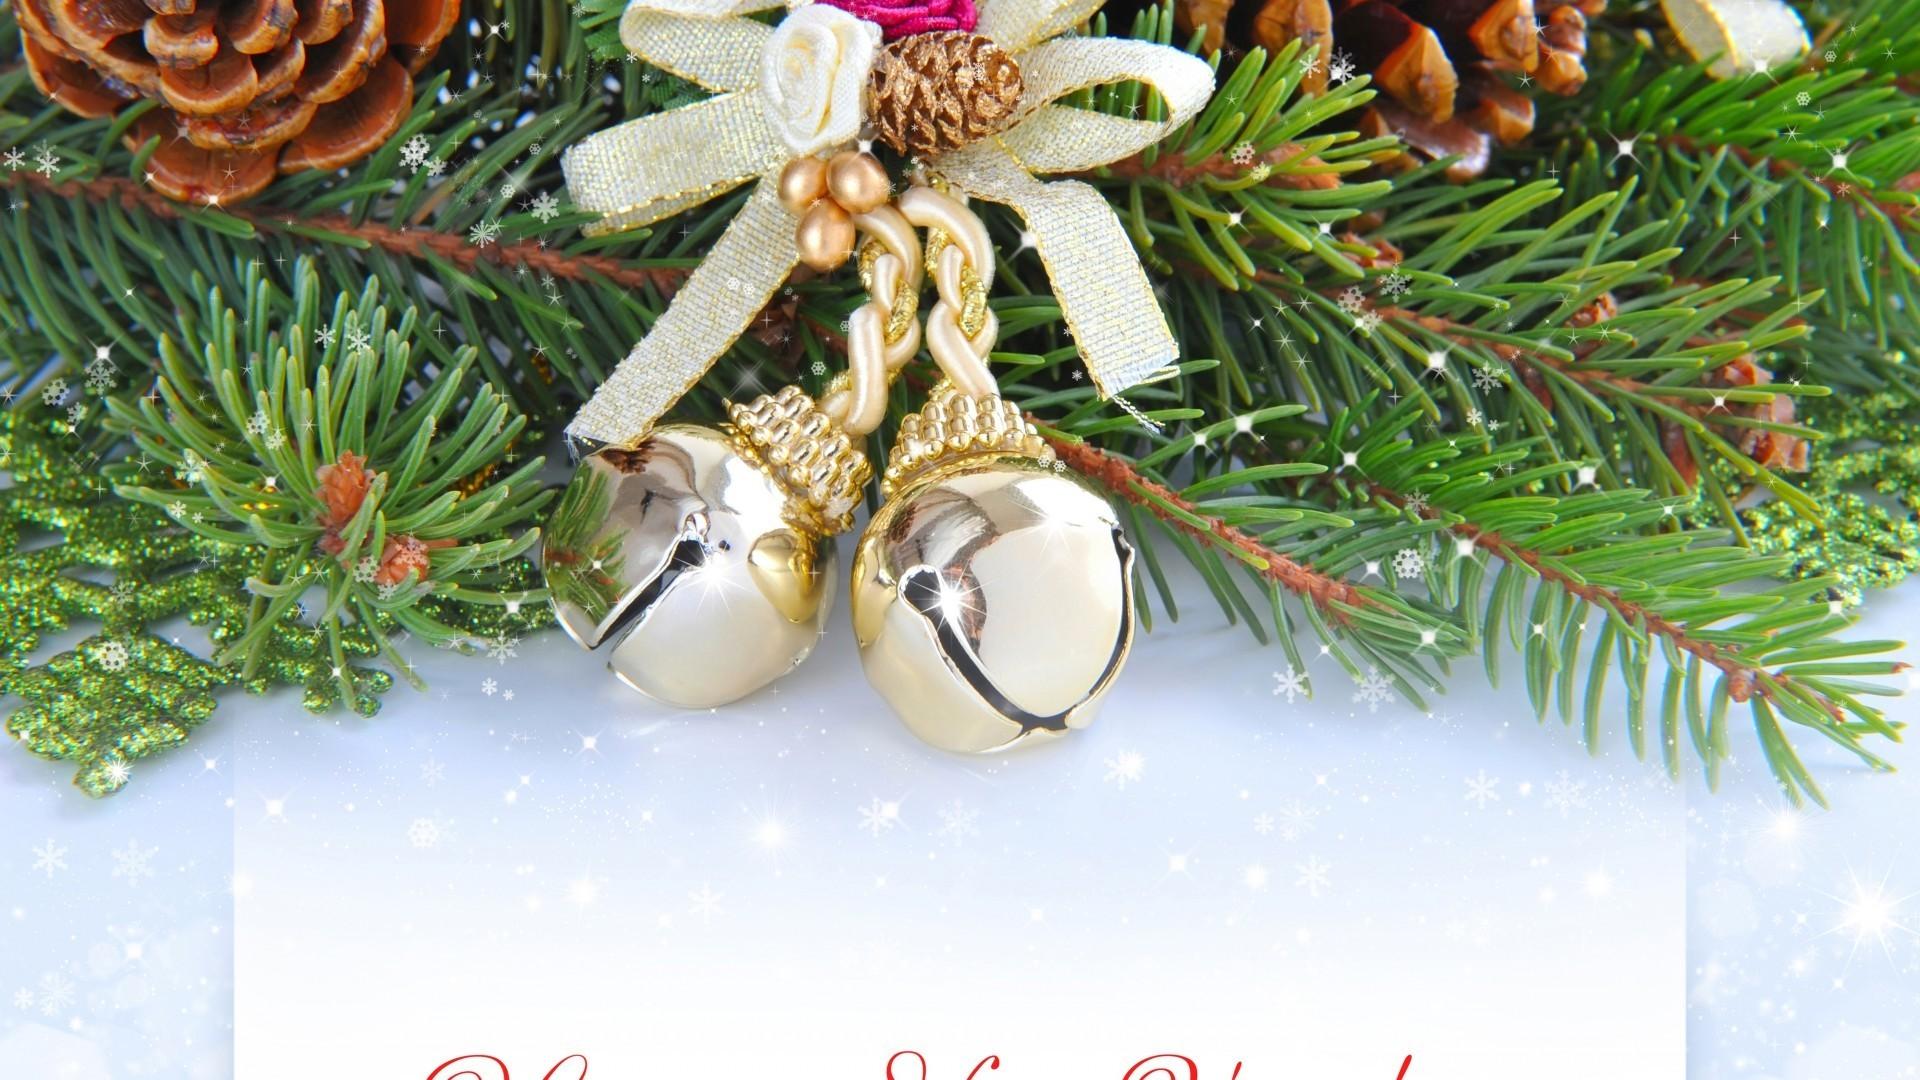 новый год,корзинки,игрушки,хвойные лапы,шишки  № 639635 бесплатно